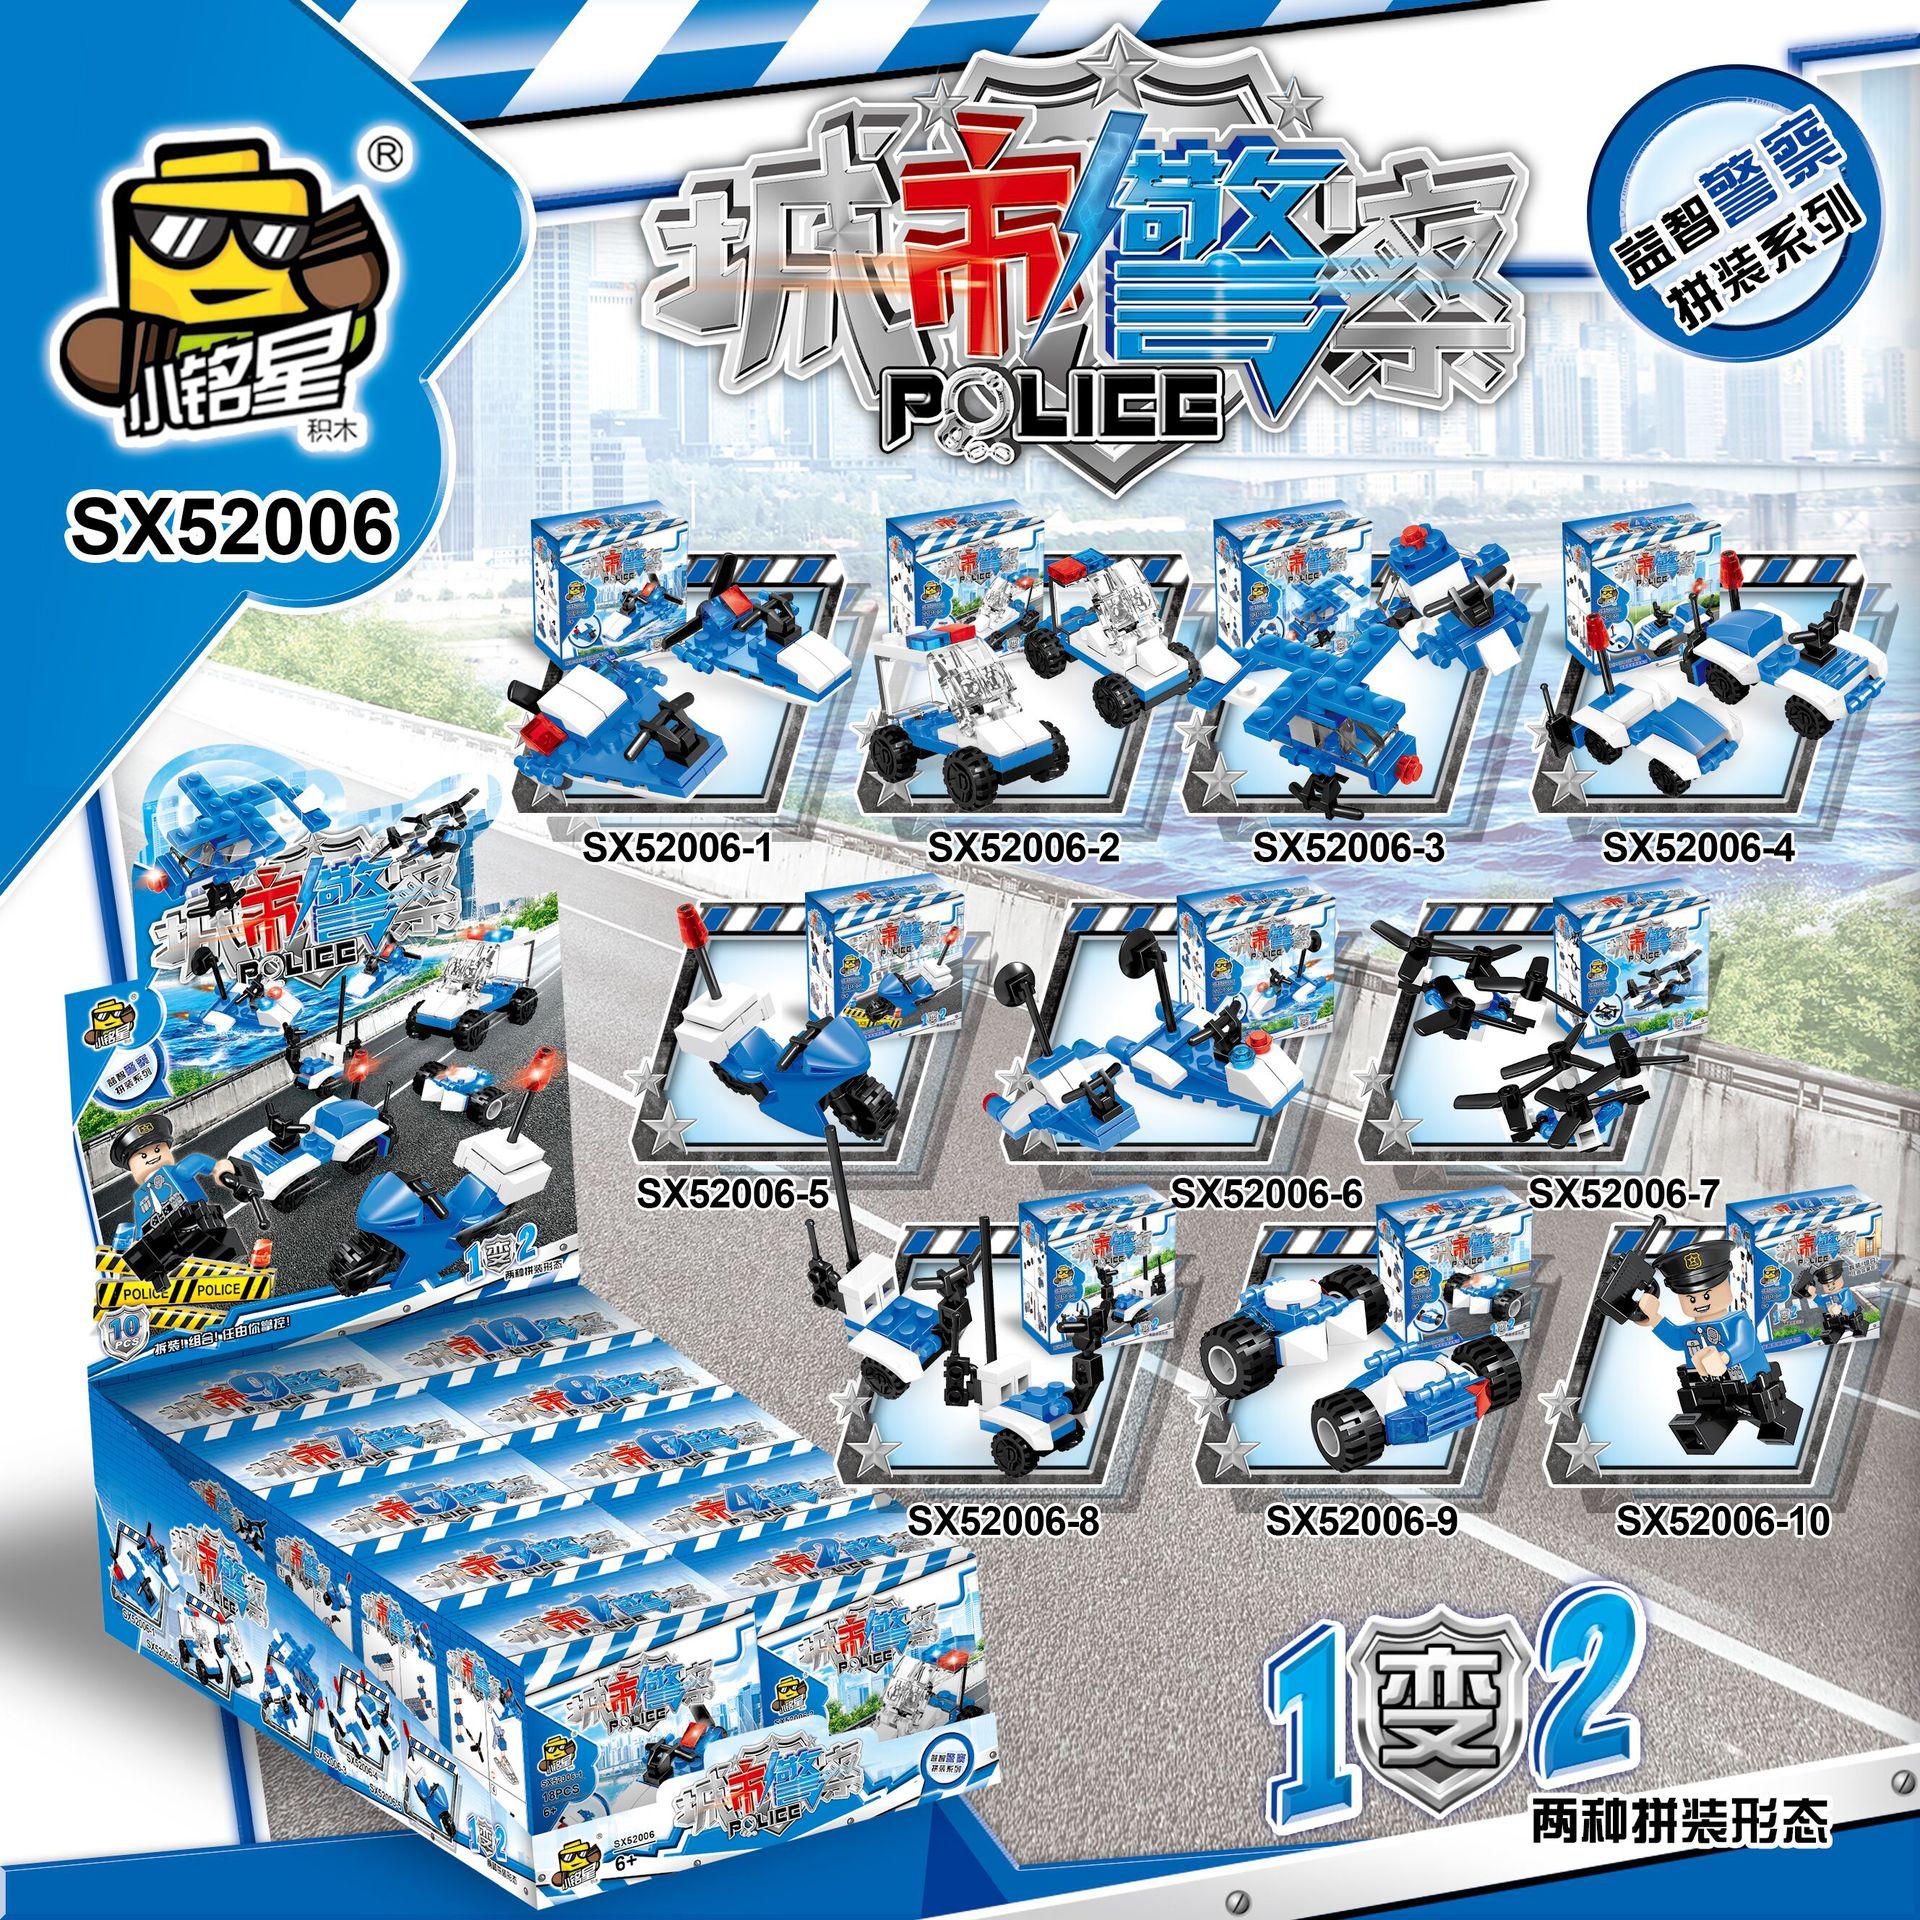 【Fun心玩】SX52006 積木 城市警察(一盒10入) 1變2 小顆粒積木 套裝盒組 警察拼裝 兒童 益智 玩具